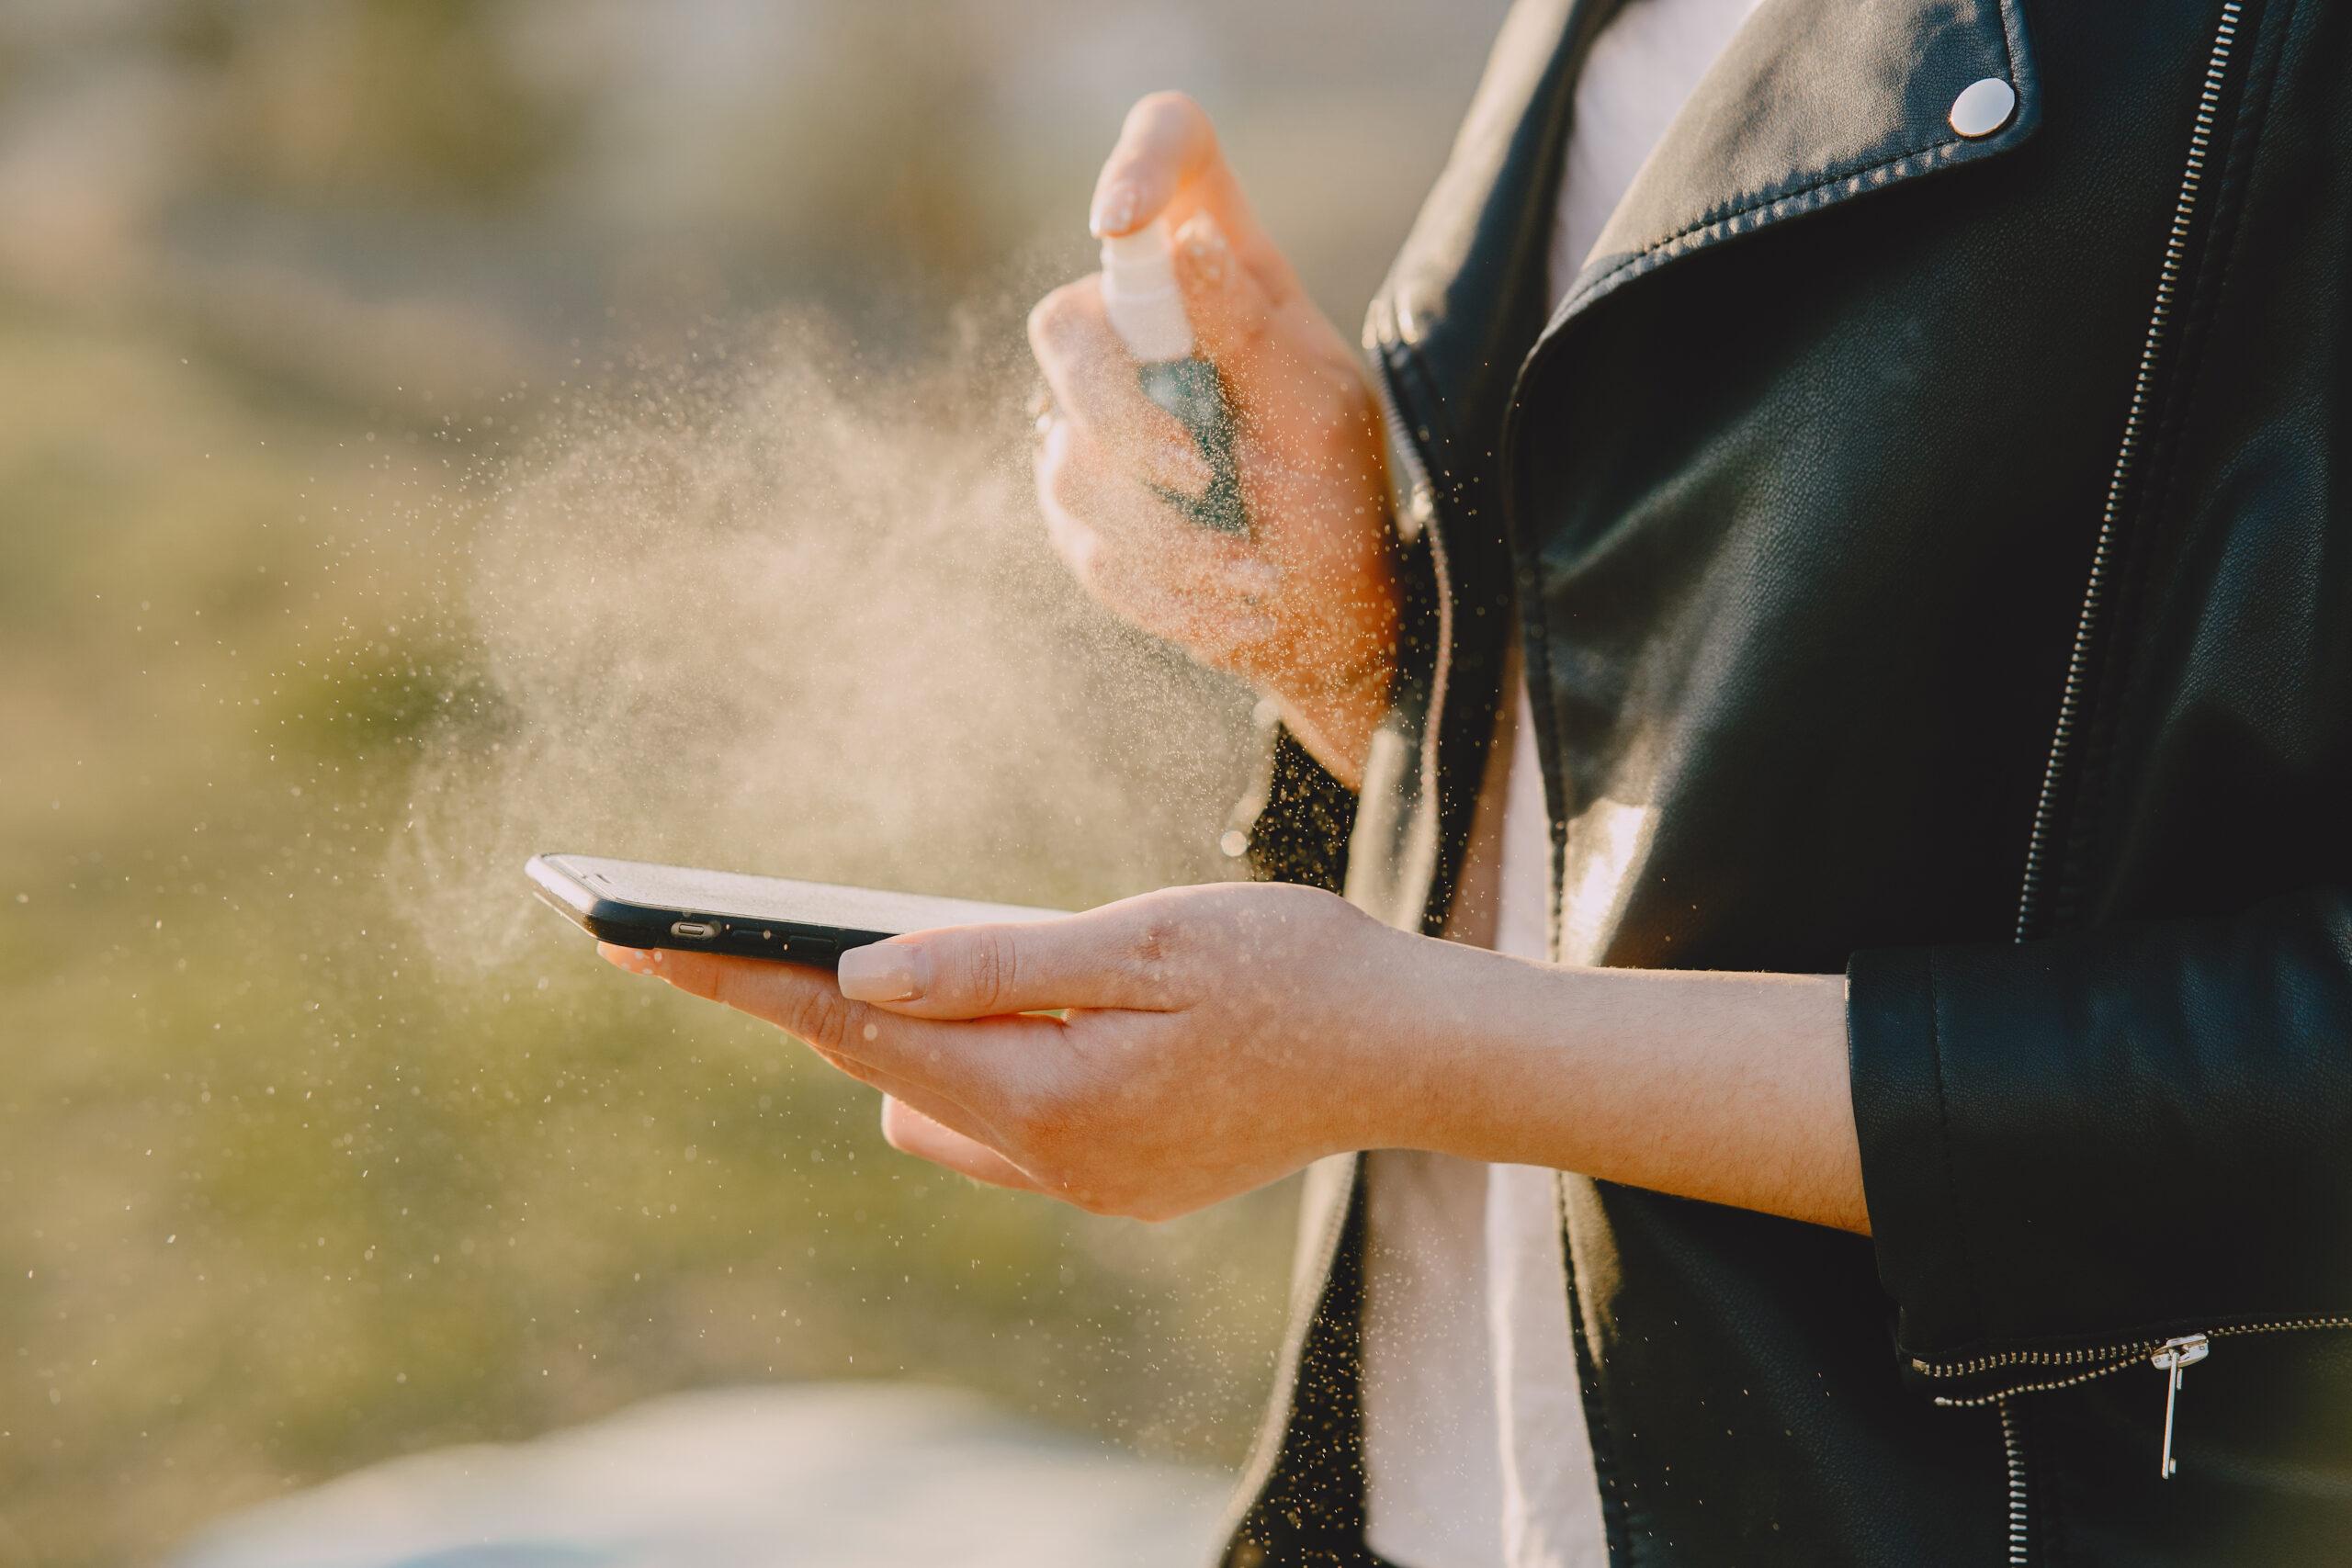 Coronavirus: cómo limpiar tu celular para prevenir el contagio del covid-19